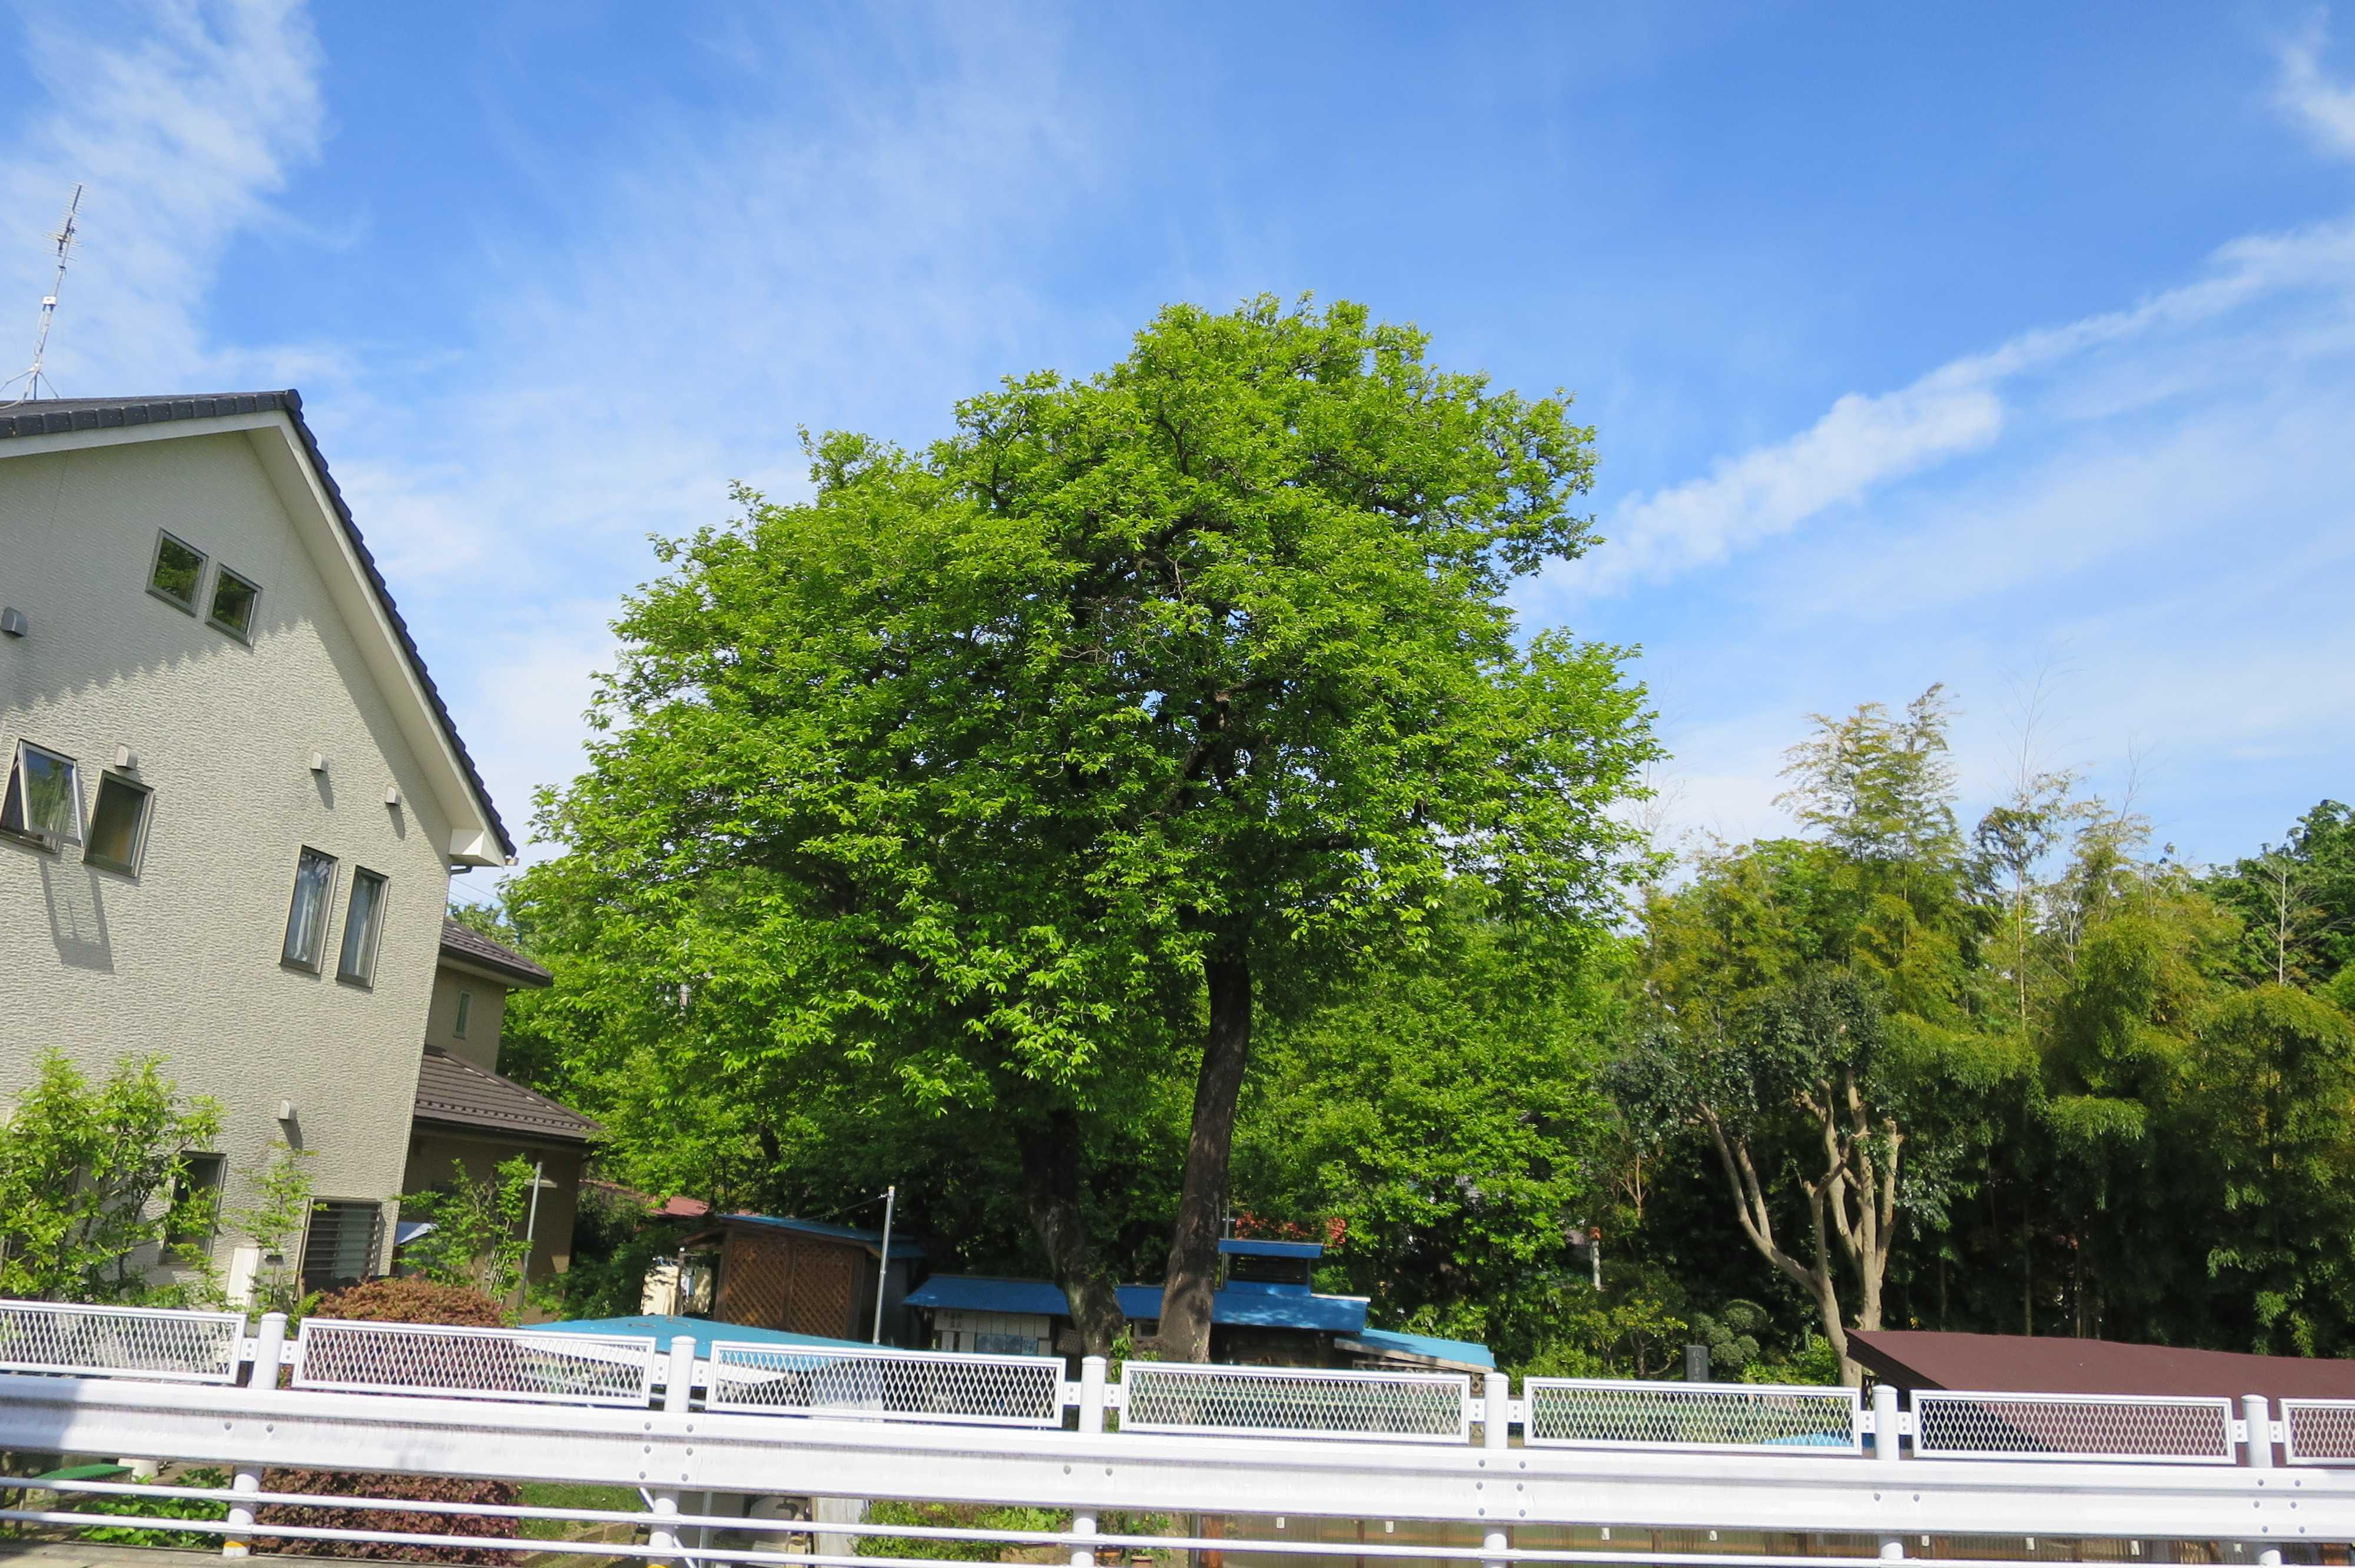 横の道路から見た岡上の禅寺丸の古木